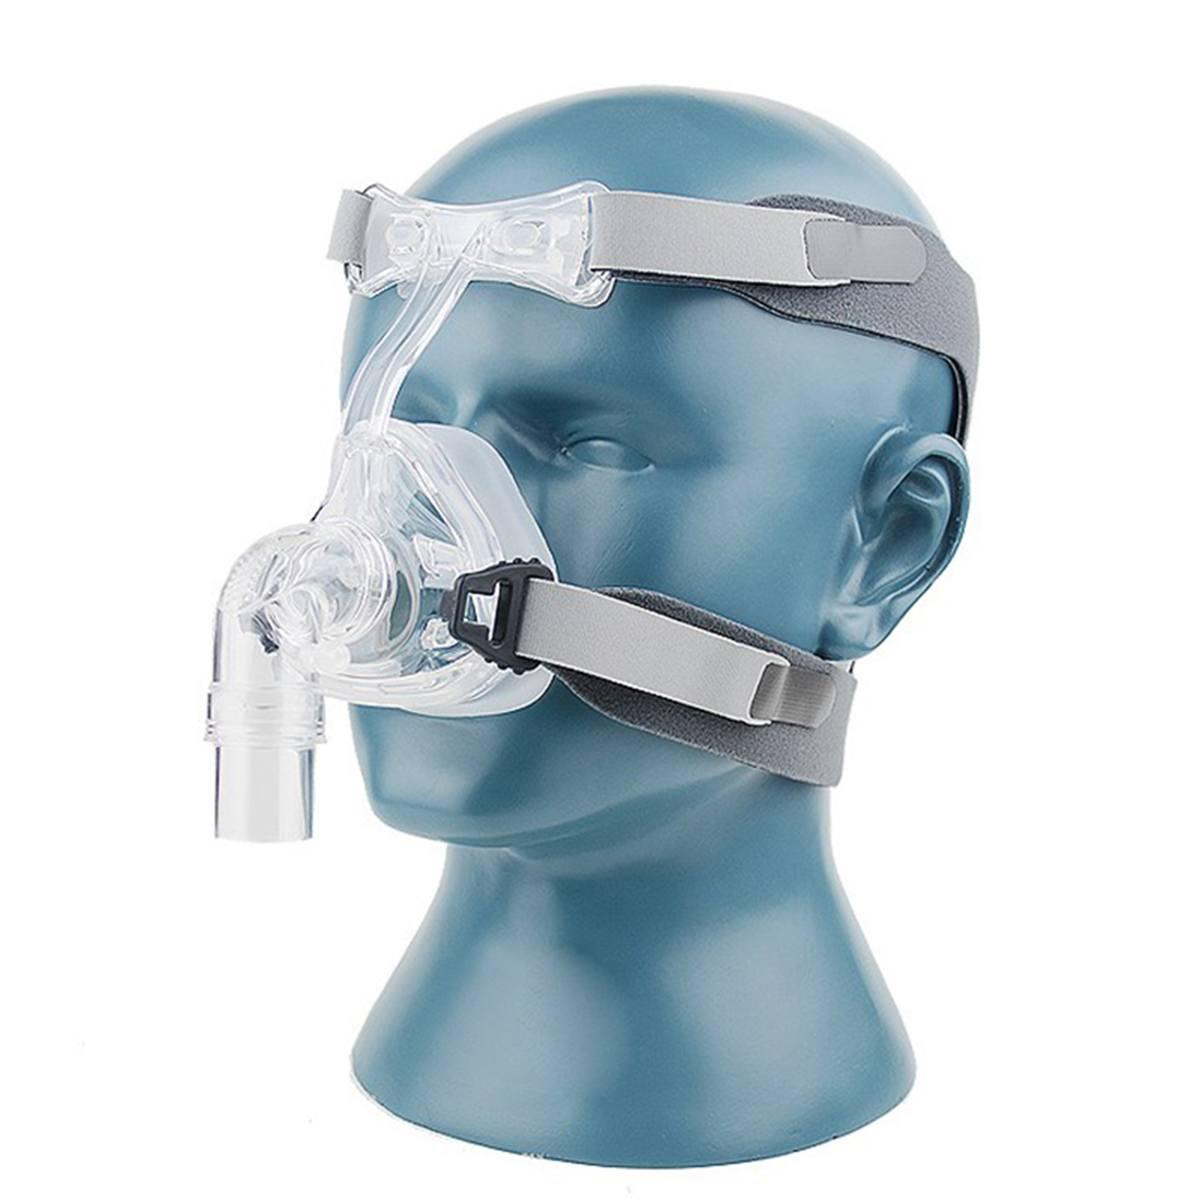 S/M/L Taille CPAP Masque Masque Nasal NM2 Avec Sangle Réglable Coiffures Masques Respiratoires Pour L'apnée Du Sommeil nasal Anti Ronflement Traitement - 4